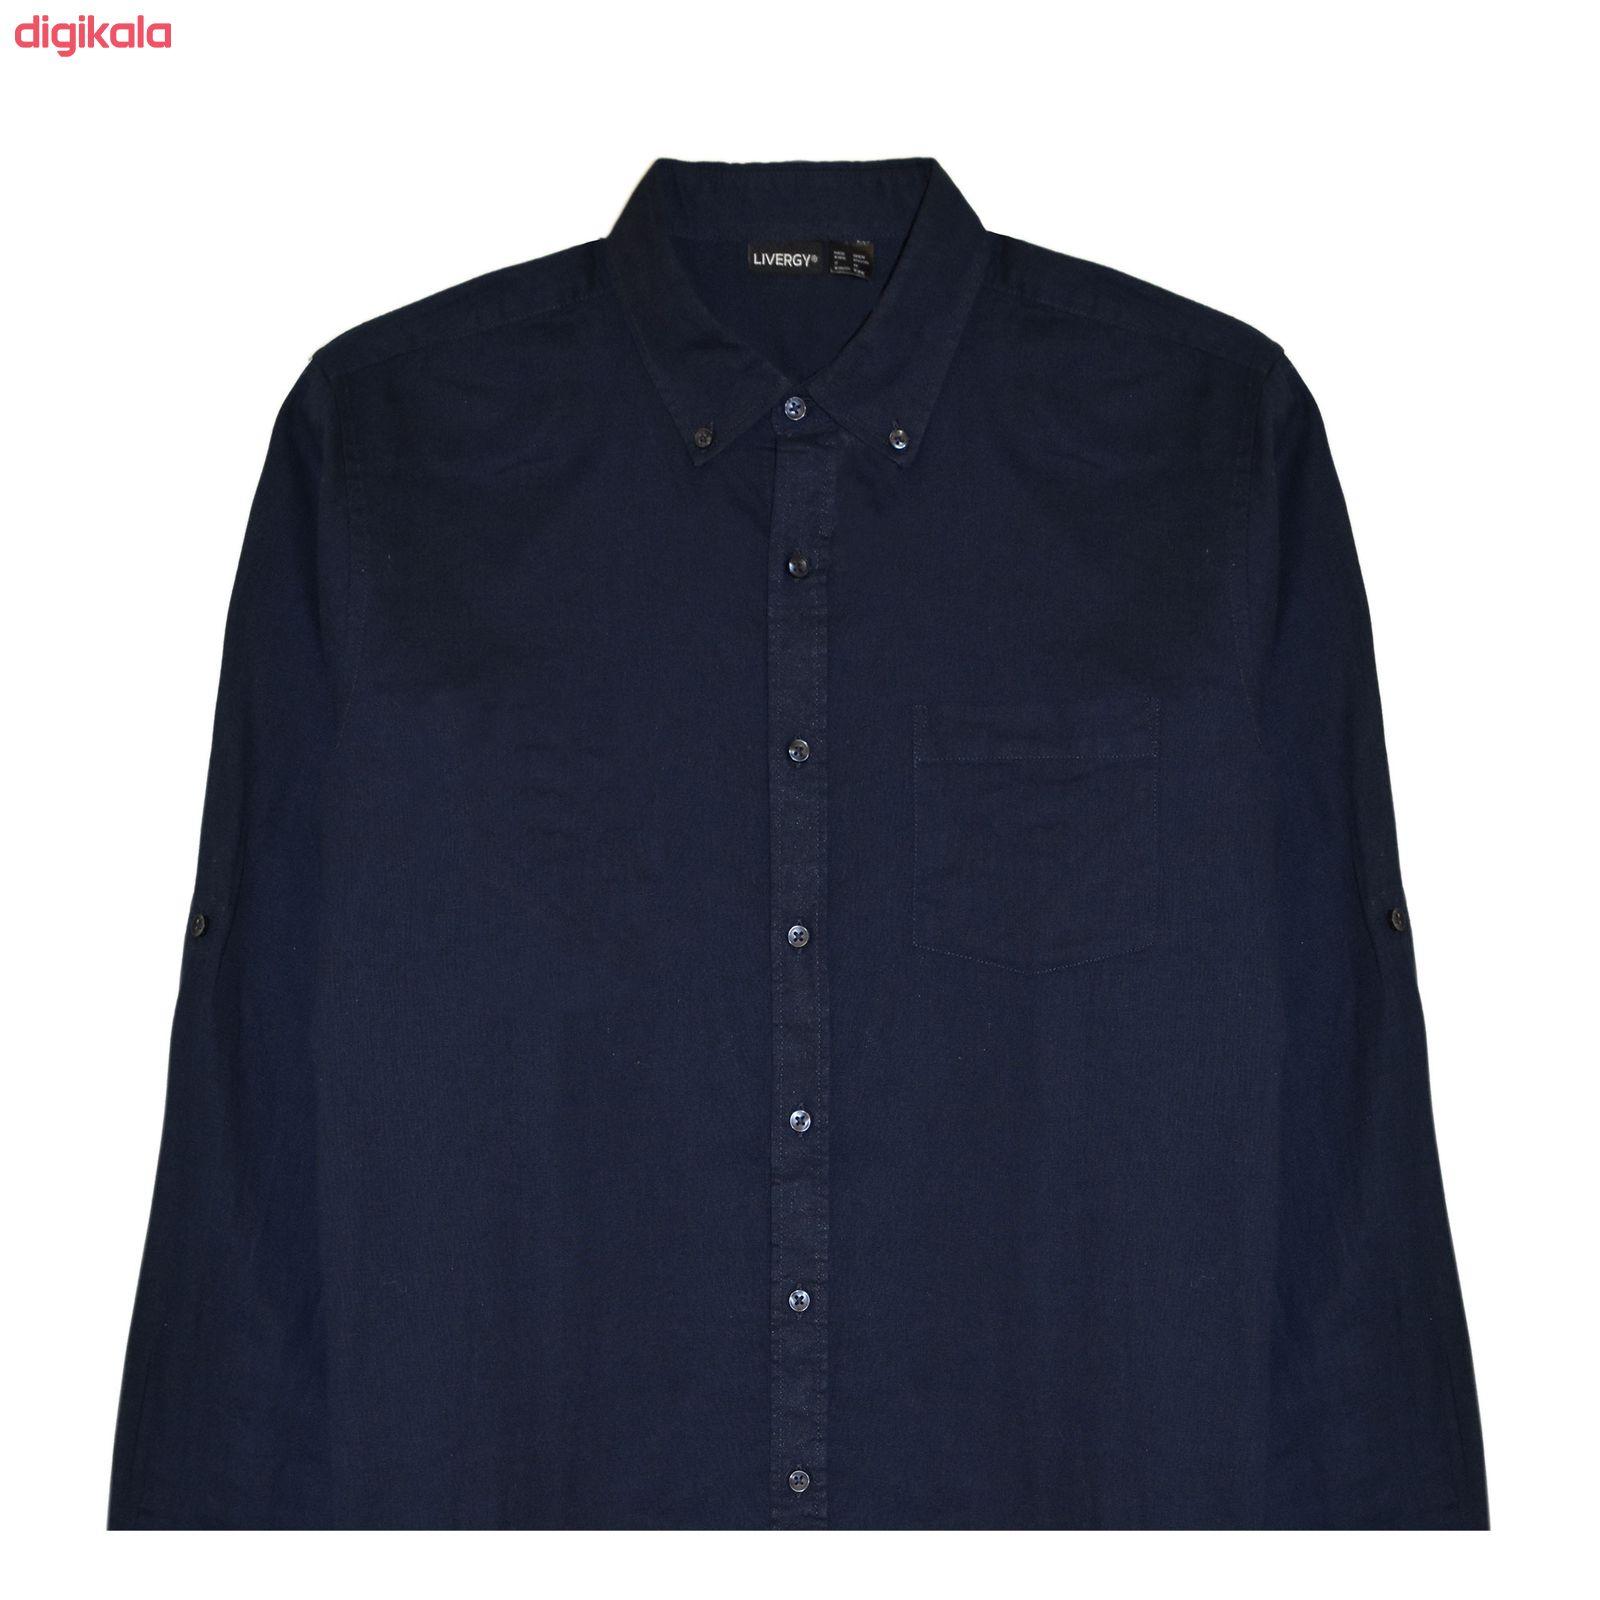 پیراهن آستین بلند مردانه لیورجی مدل 3257641 main 1 1